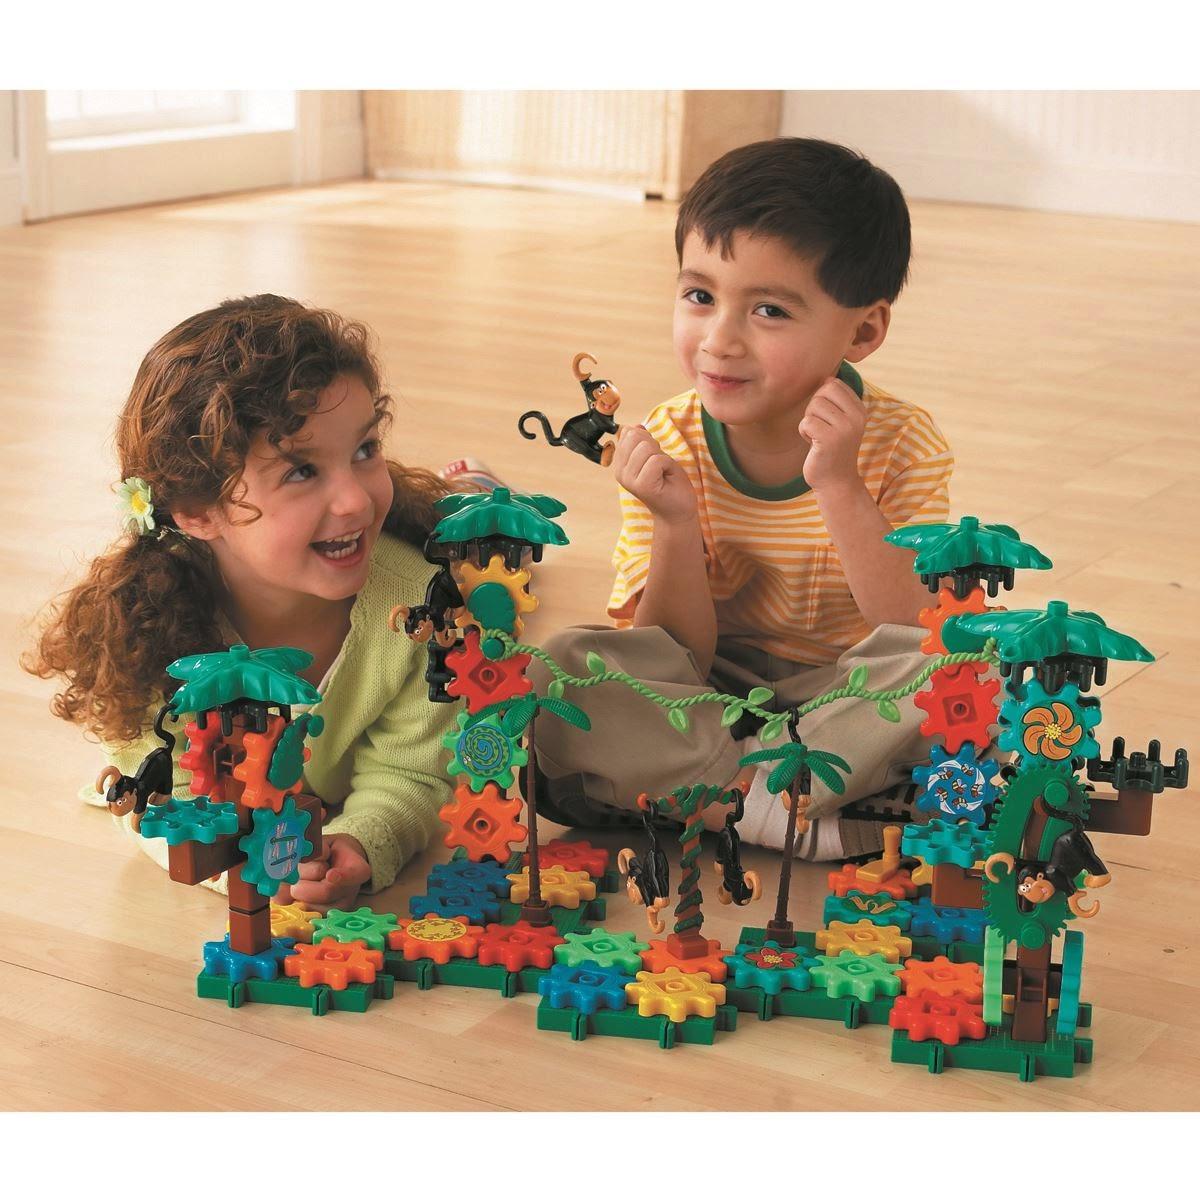 Đồ chơi trẻ em dành cho trẻ 5 tuổi